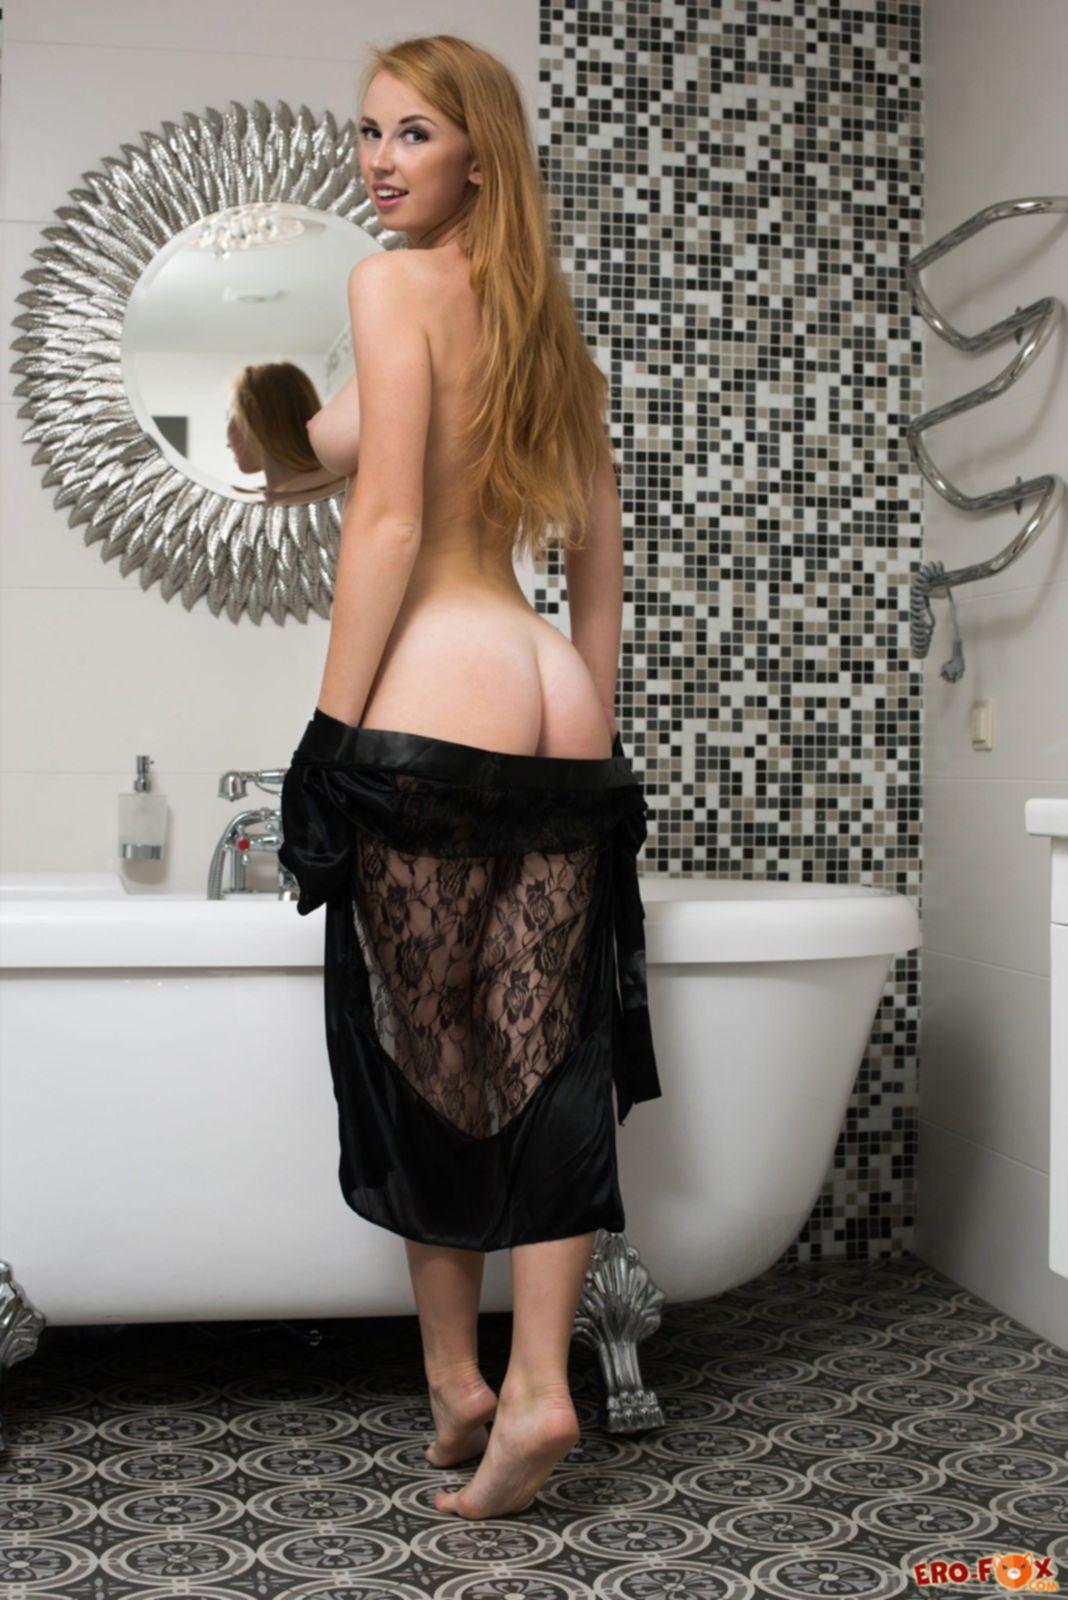 Блондинка в халате на голое тело позирует в ванной - фото